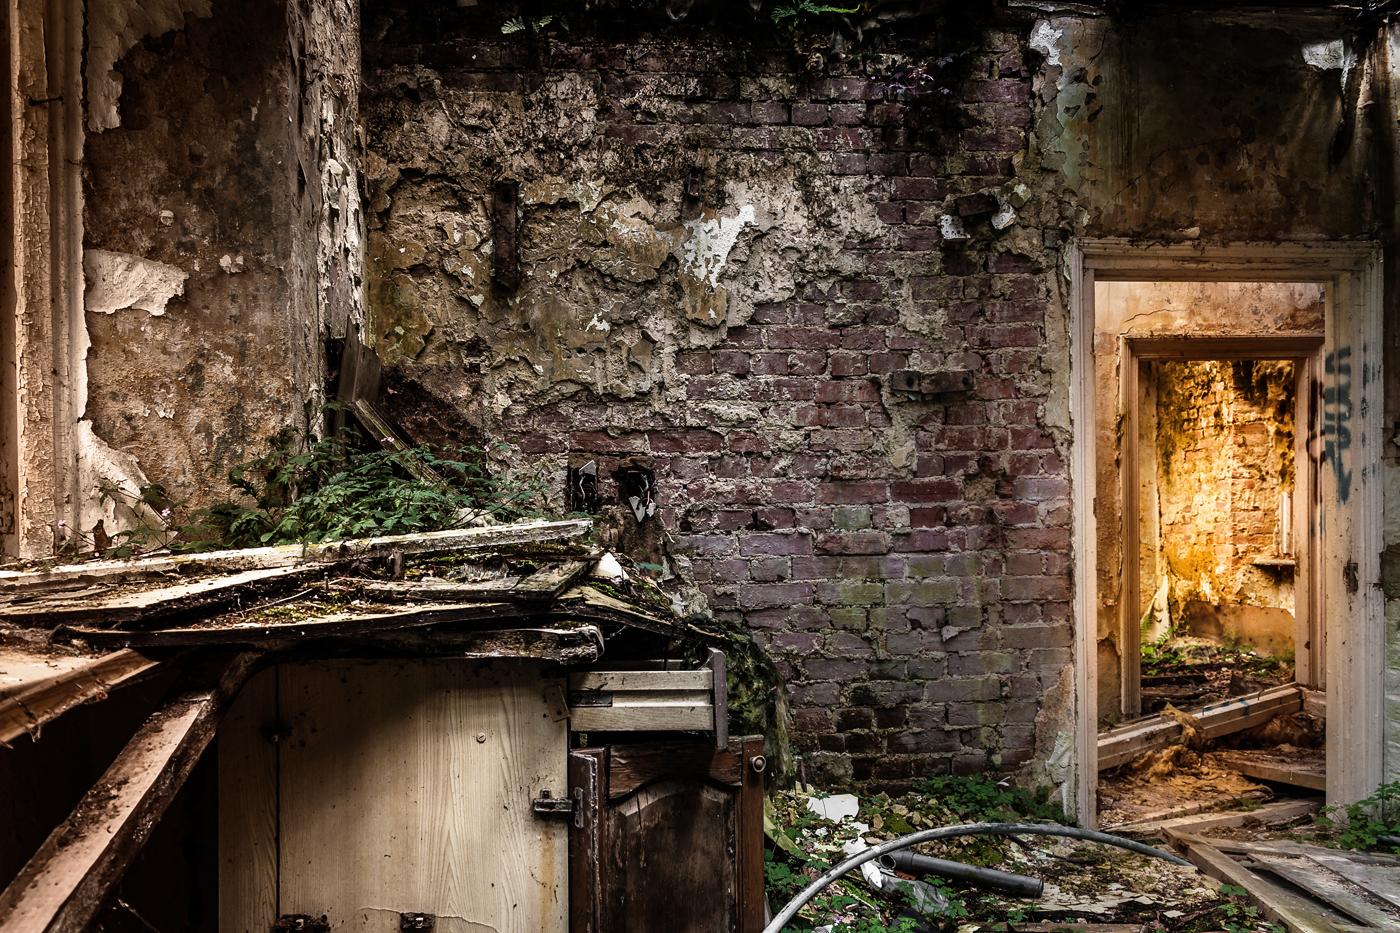 THE HIDDEN DOOR by Kevin Day